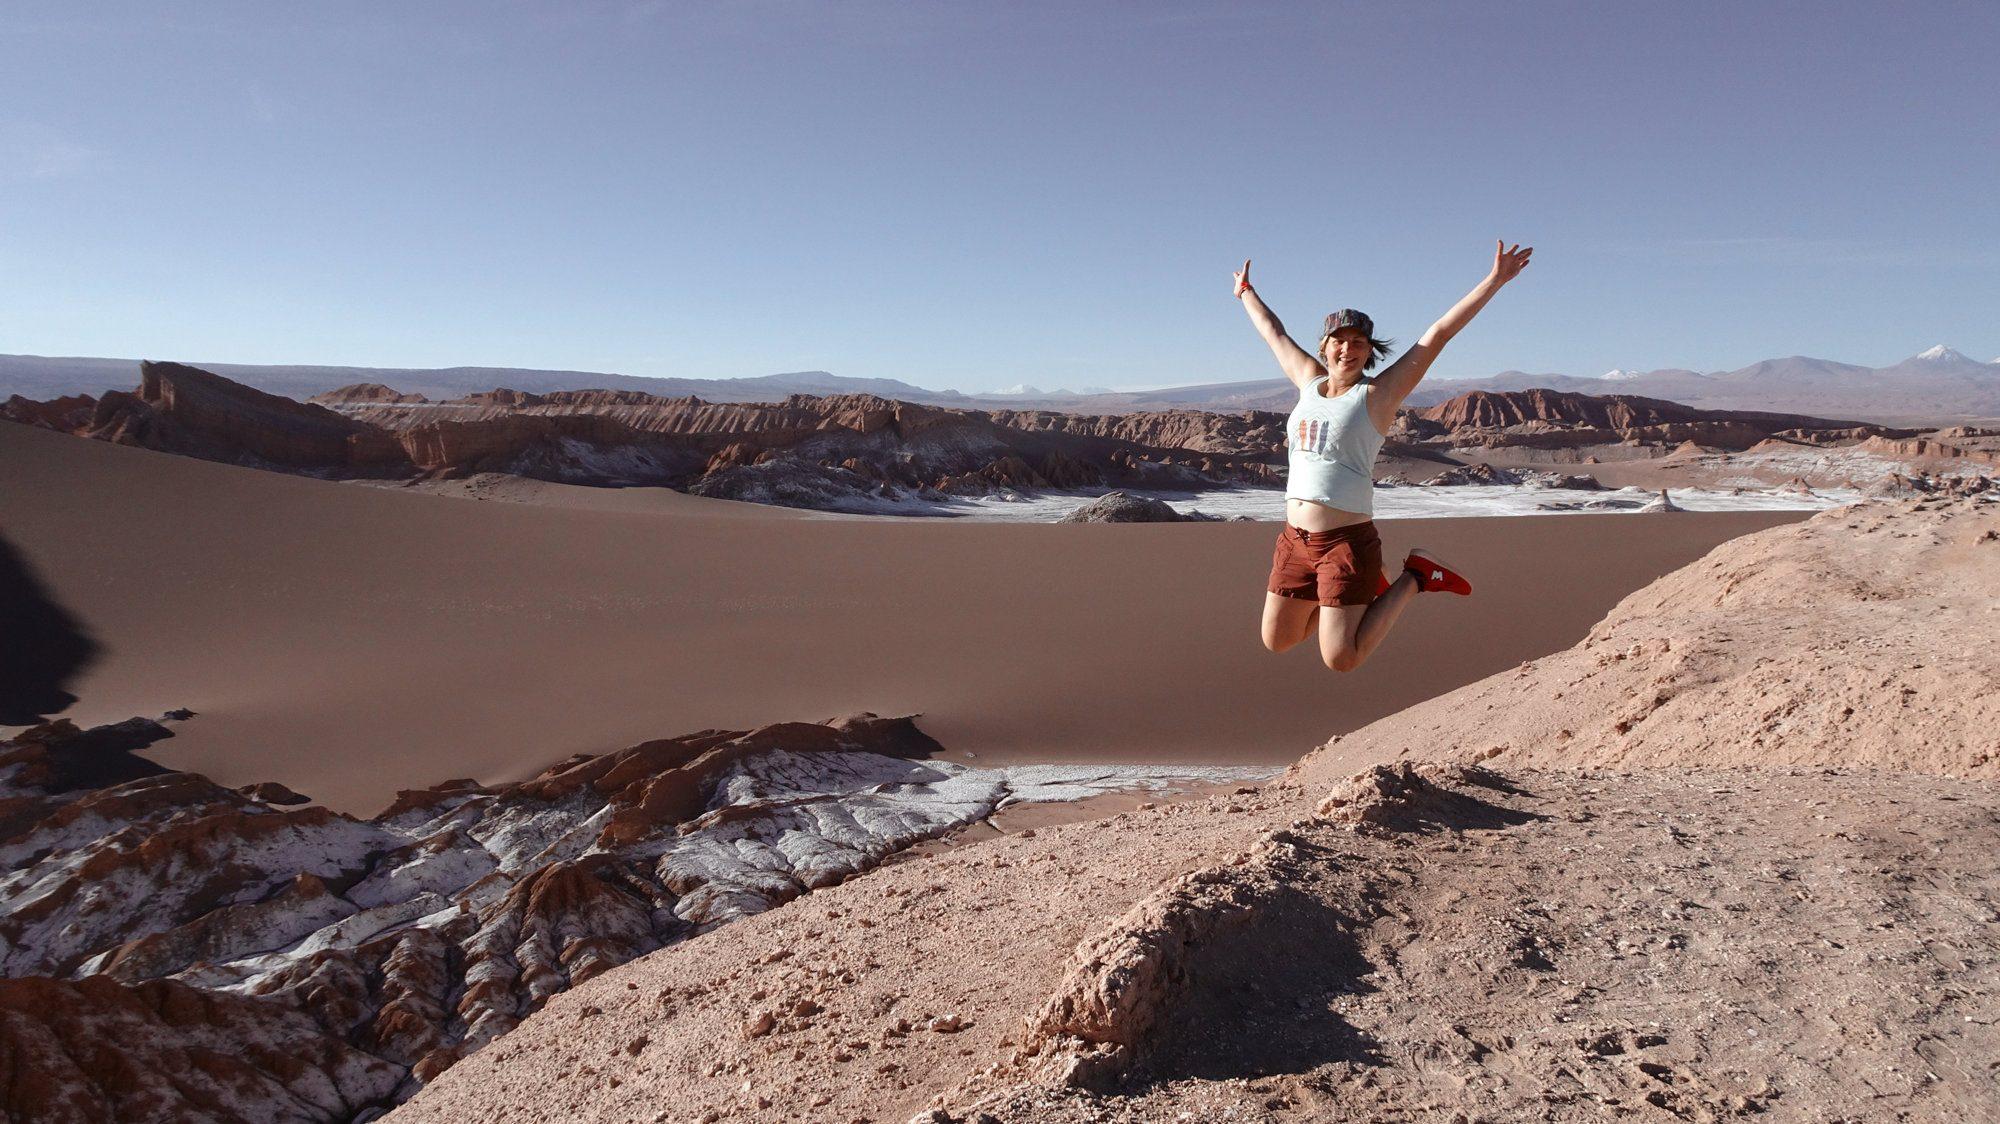 Atacama Wüste, San PEdro Warum die Berge glücklich machen, Bergglück